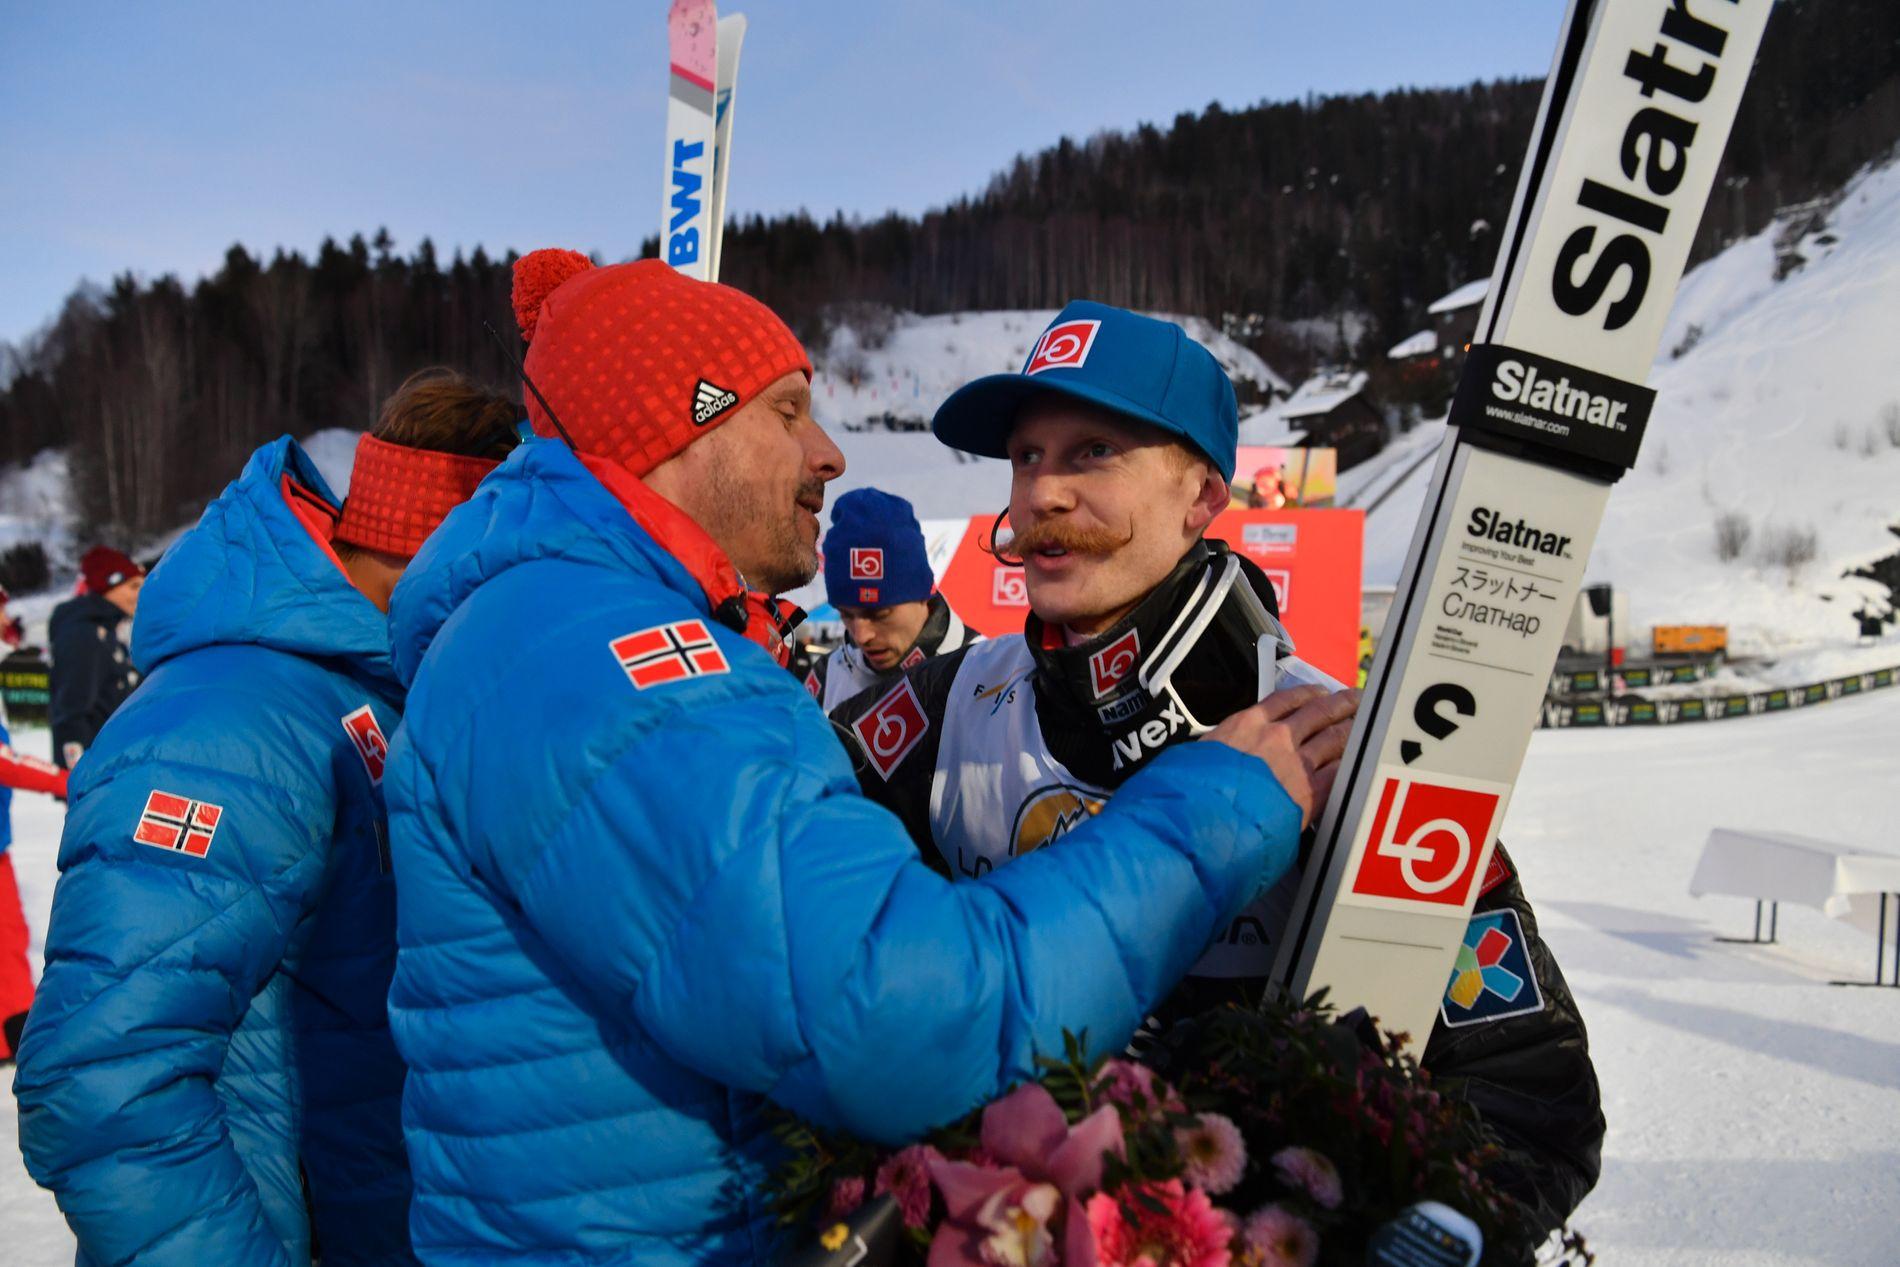 TRIUMF: To lykkelige menn på sletta i Vikersund for en uke siden: Alexander Stöckl og vinner Robert Johansson.